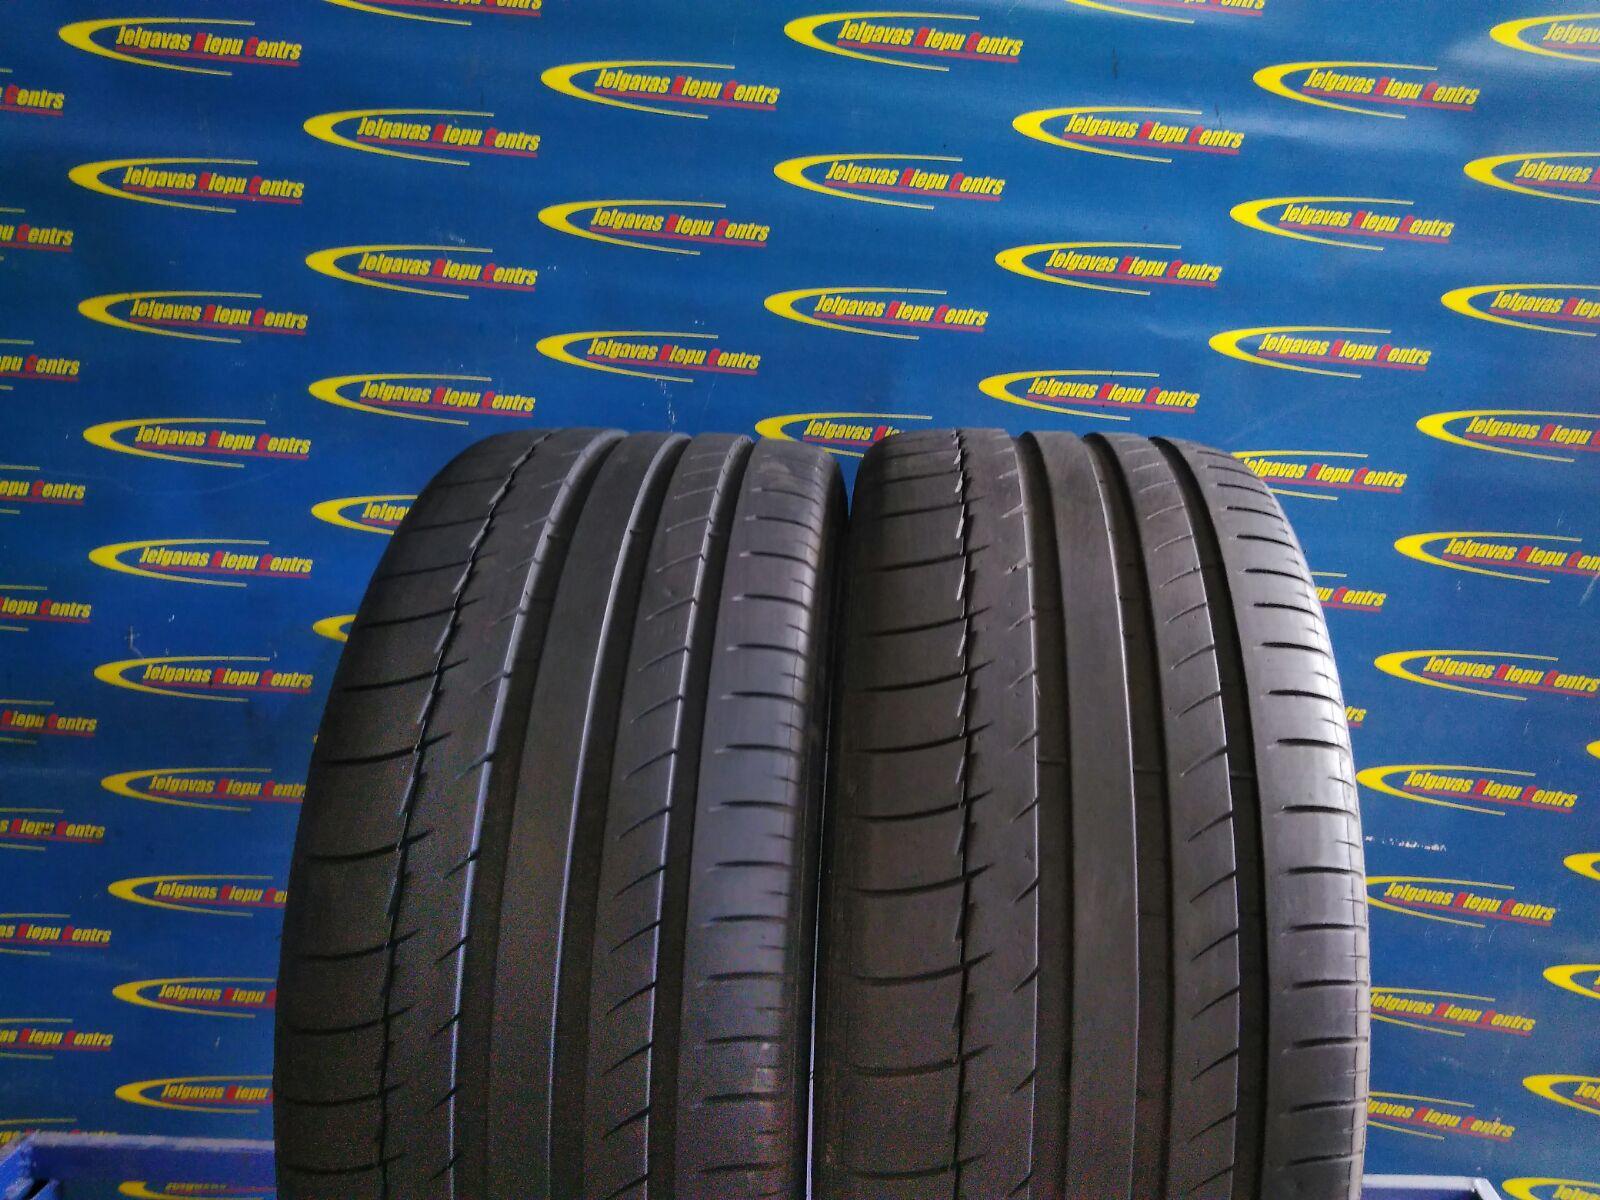 Lietota 245/35/R19 93Y Michelin PilotSport2 (protektora dziļums 5...4mm)